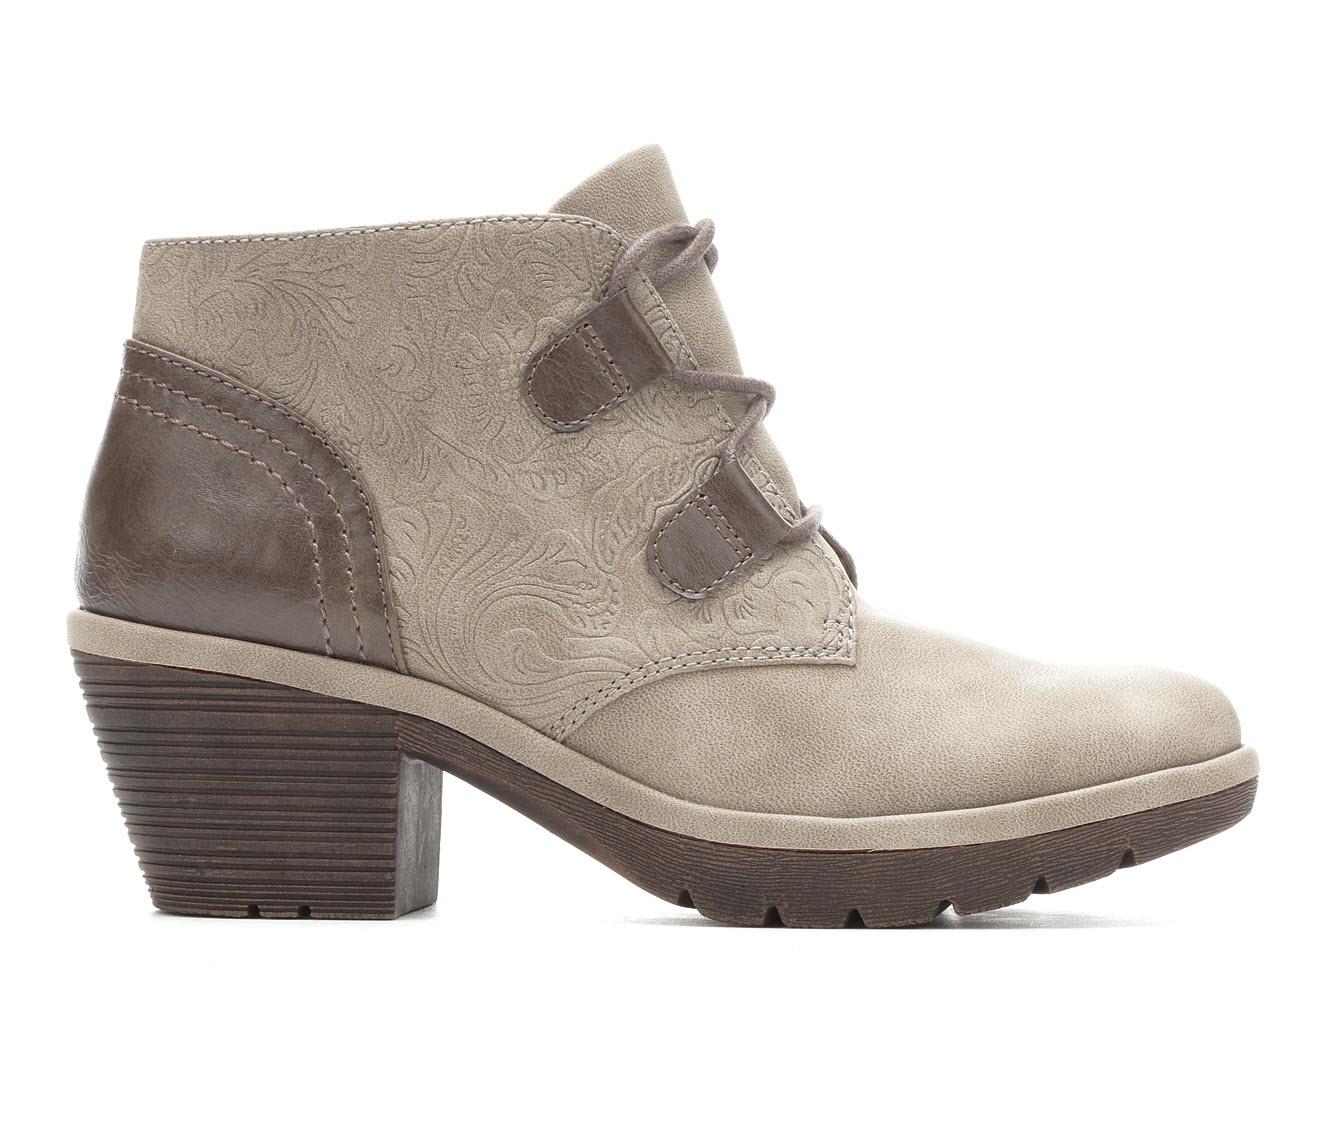 EuroSoft Talen Women's Boots (Gray - Faux Leather)